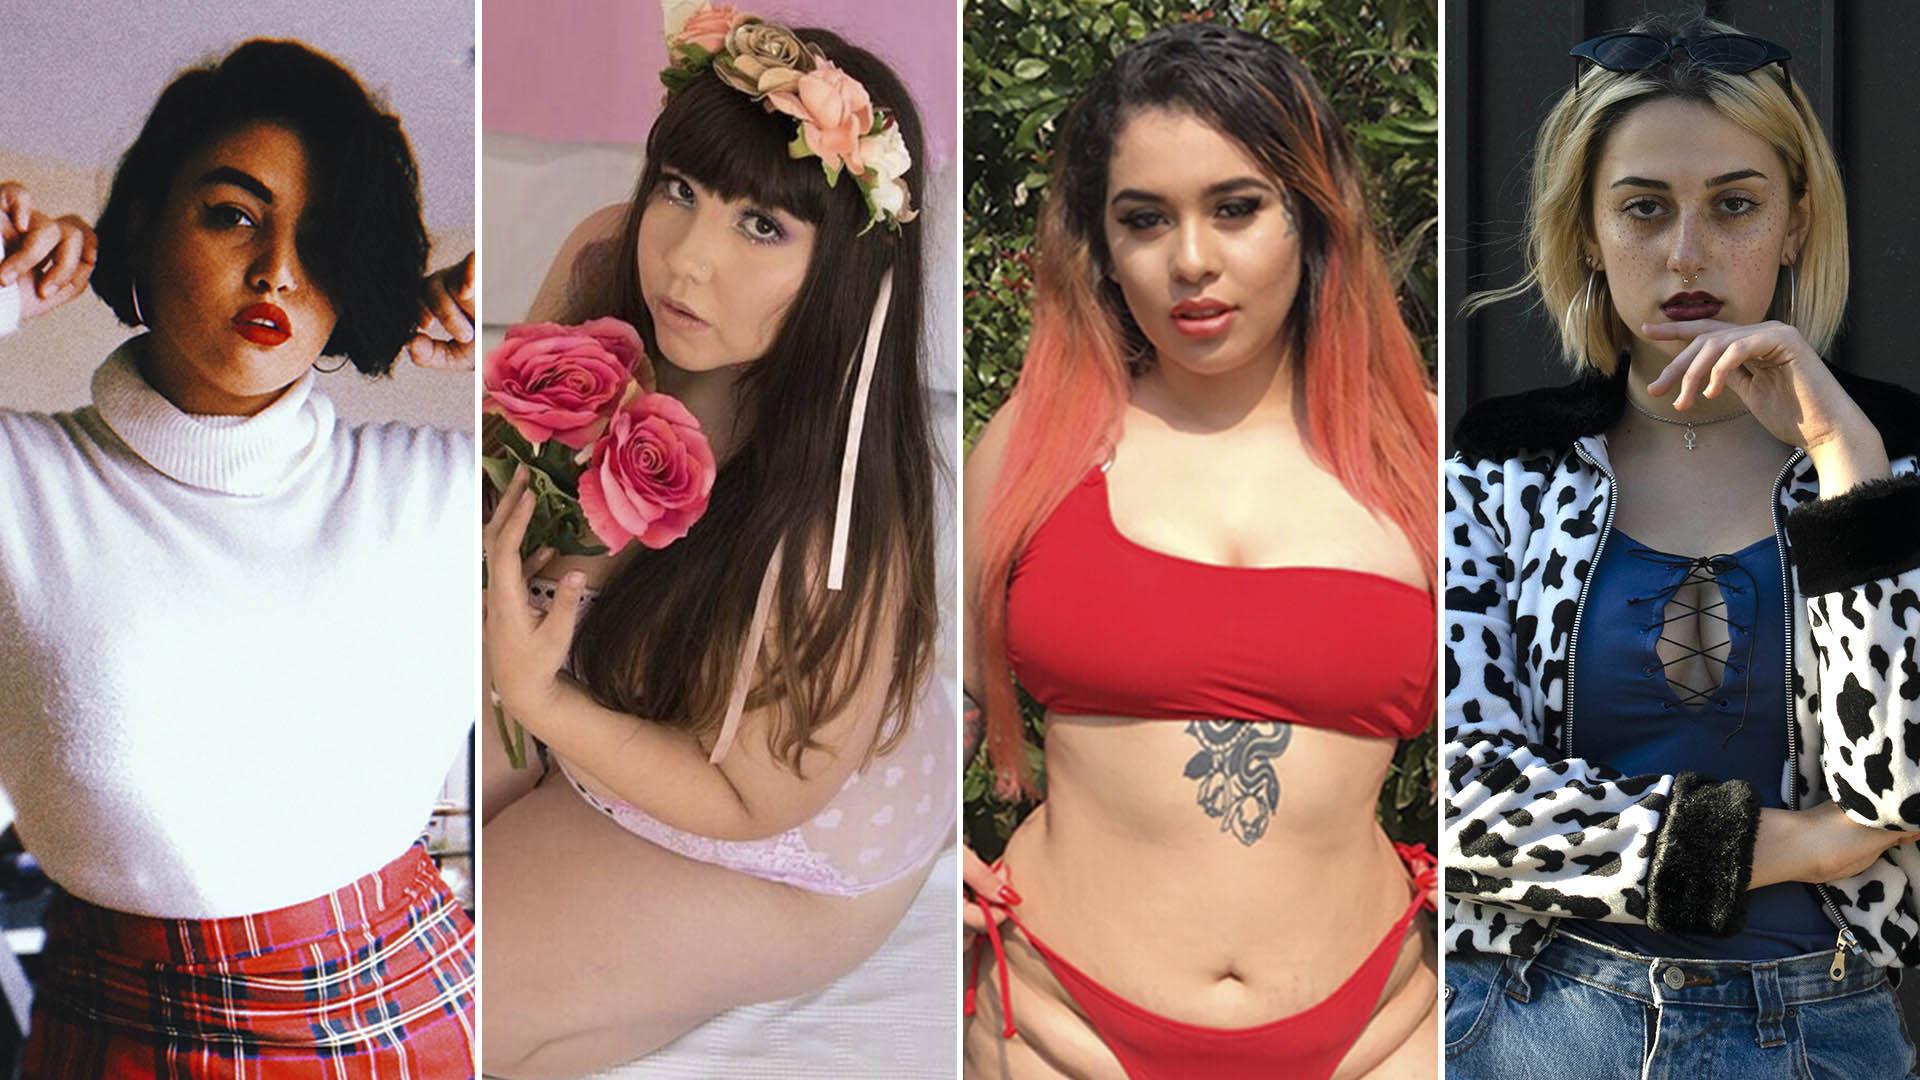 8a5a21aef58e Tiempo de cuerpos plus size: 4 historias de mujeres que dejaron sus ...